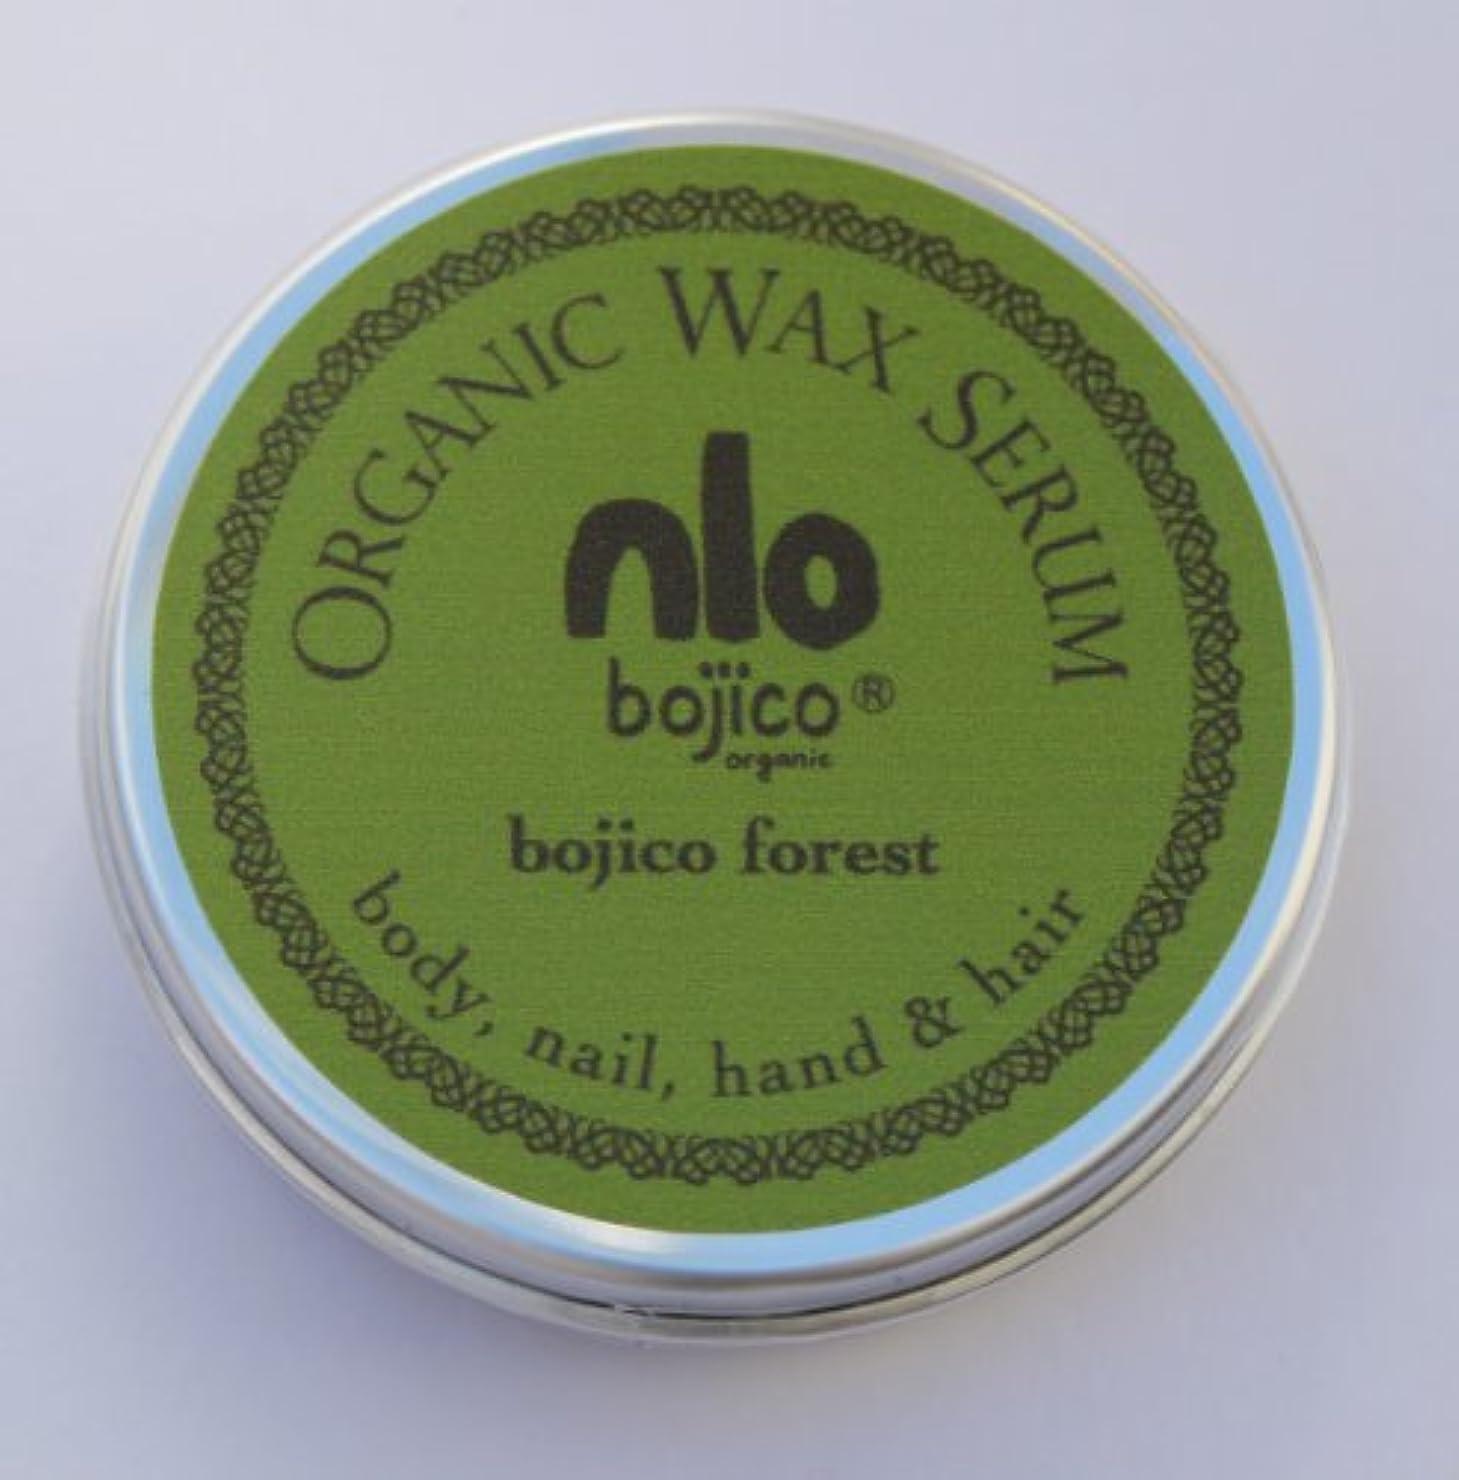 日光シャー栄光のbojico オーガニック ワックス セラム<フォレスト> Organic Wax Serum 18g